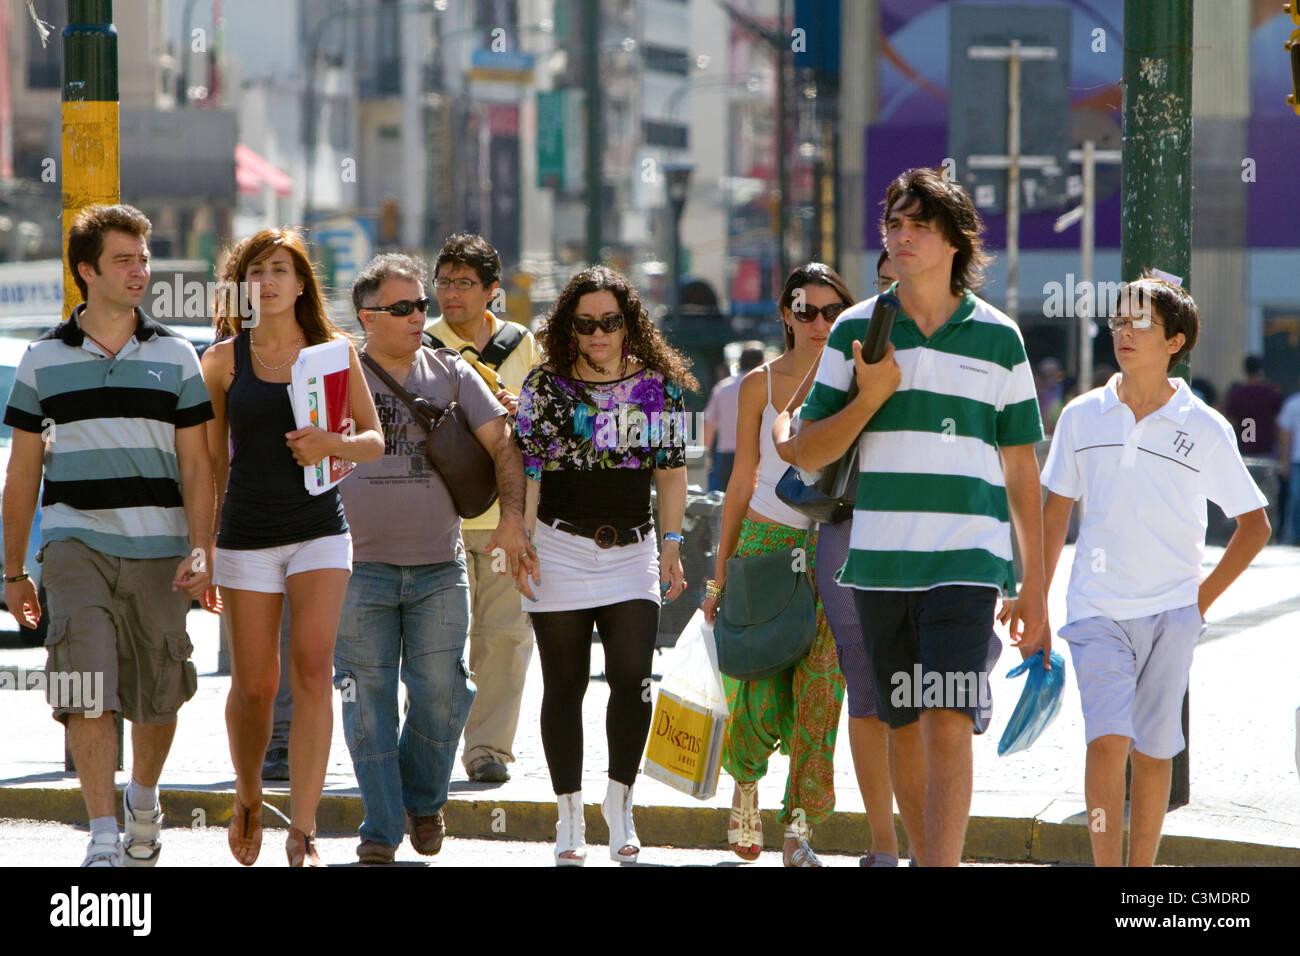 Les piétons sur l'Avenida 9 de Julio à Buenos Aires, Argentine. Photo Stock